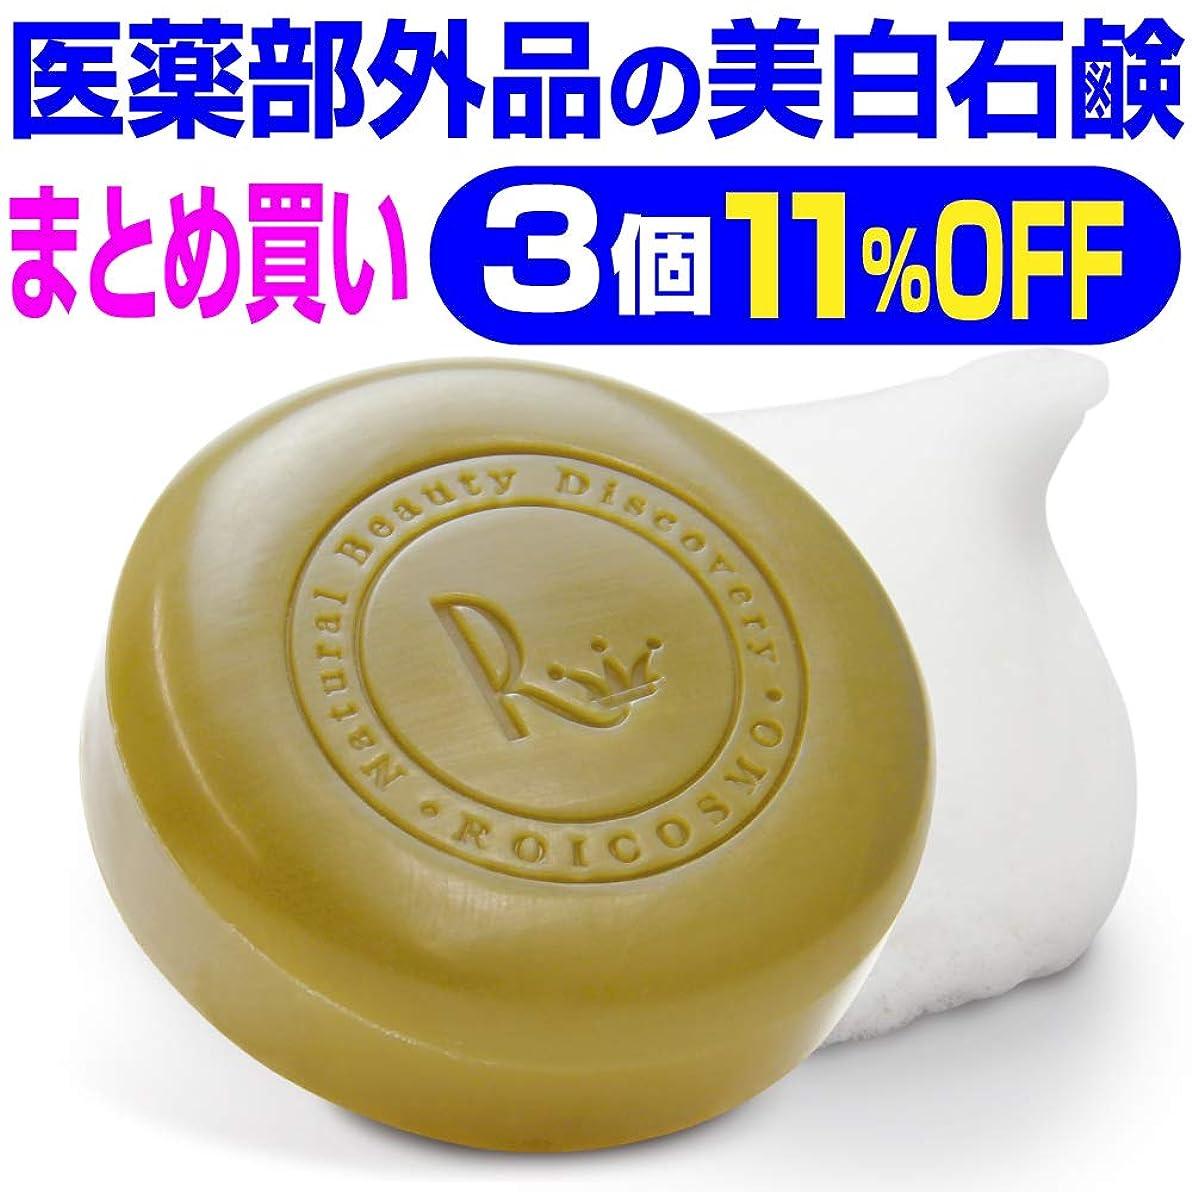 アジテーション行く変わる3個まとめ買い11%OFF 美白石鹸/ビタミンC270倍の美白成分配合の 洗顔石鹸『ホワイトソープ100g×3個』